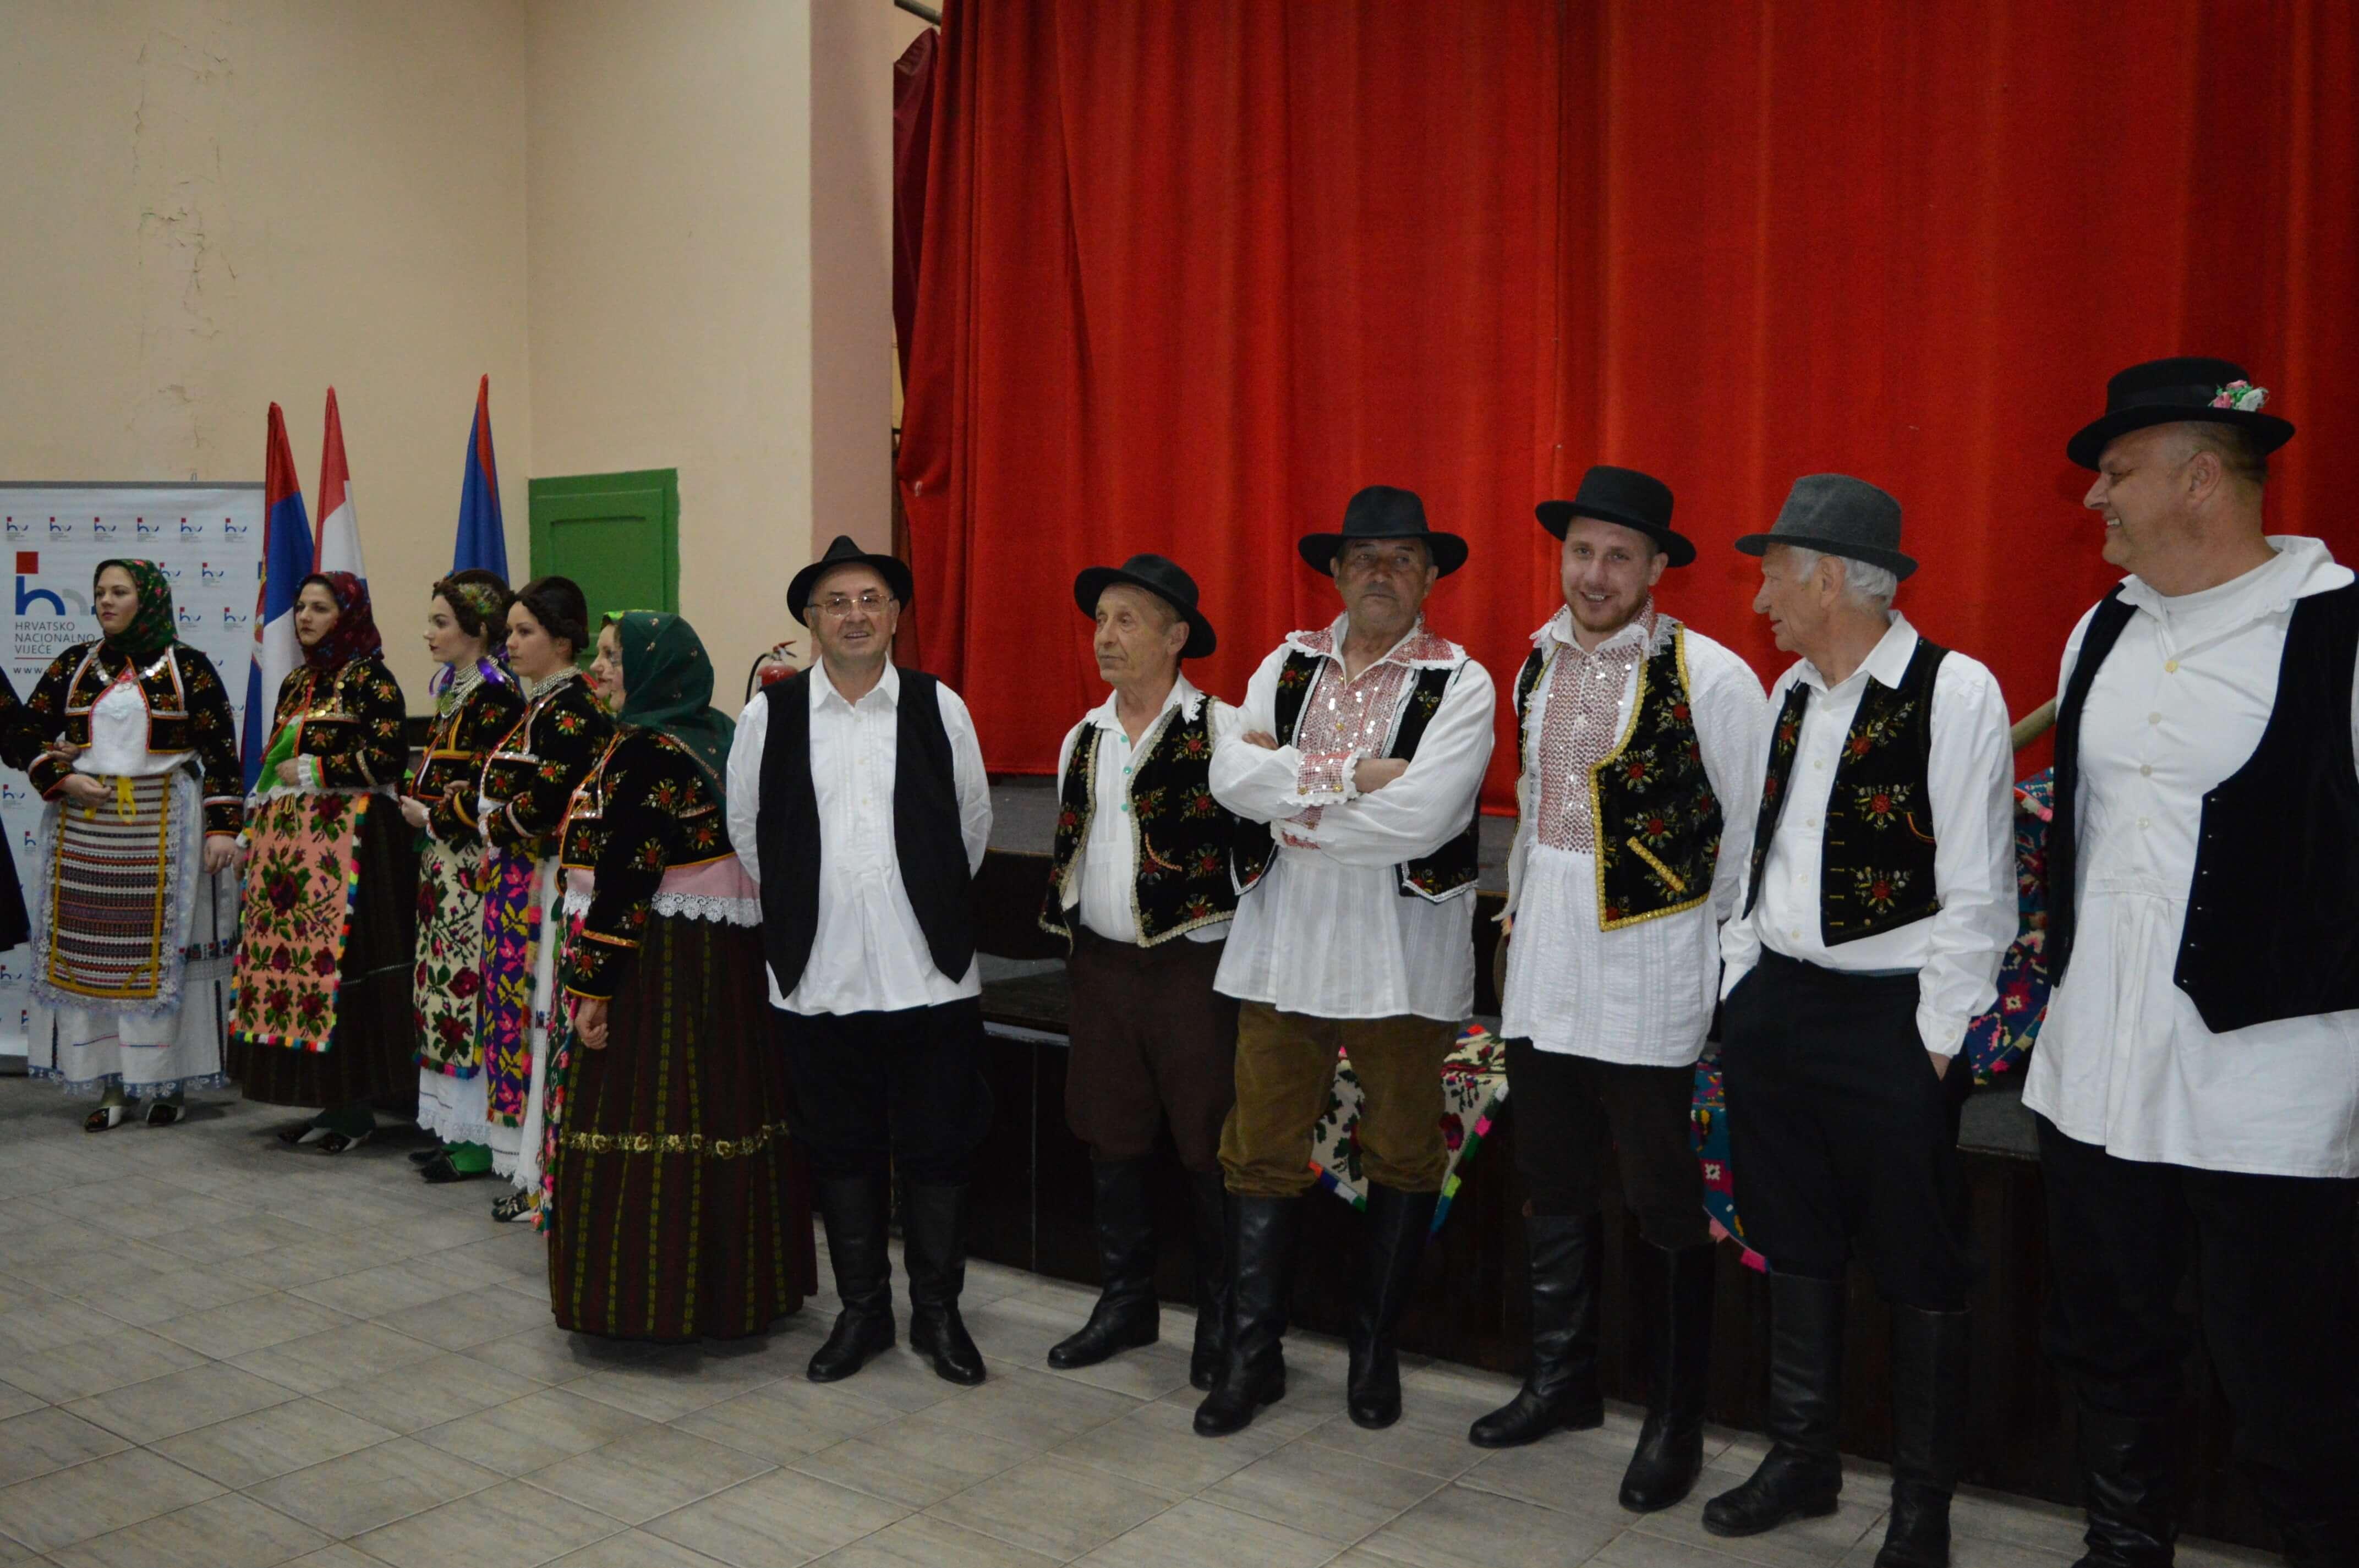 Учесници програма на обележавању празника  хрватске националне заједнице у Бачком Моноштору